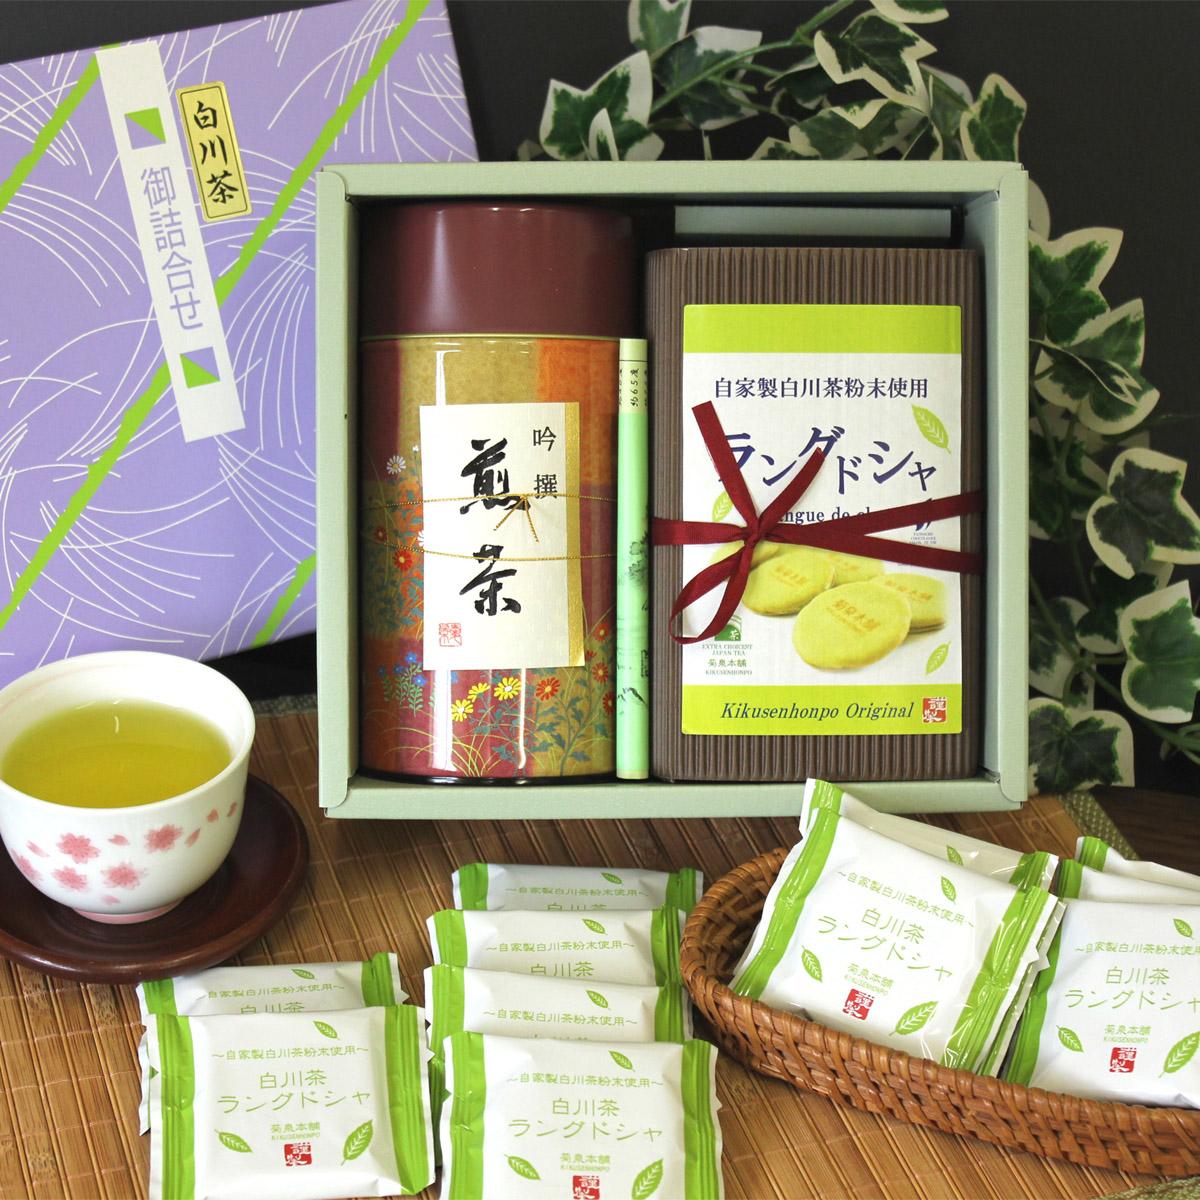 【ふるさと納税】※菊泉本舗 特選! ラングドシャ・美濃白川茶2缶詰合せ